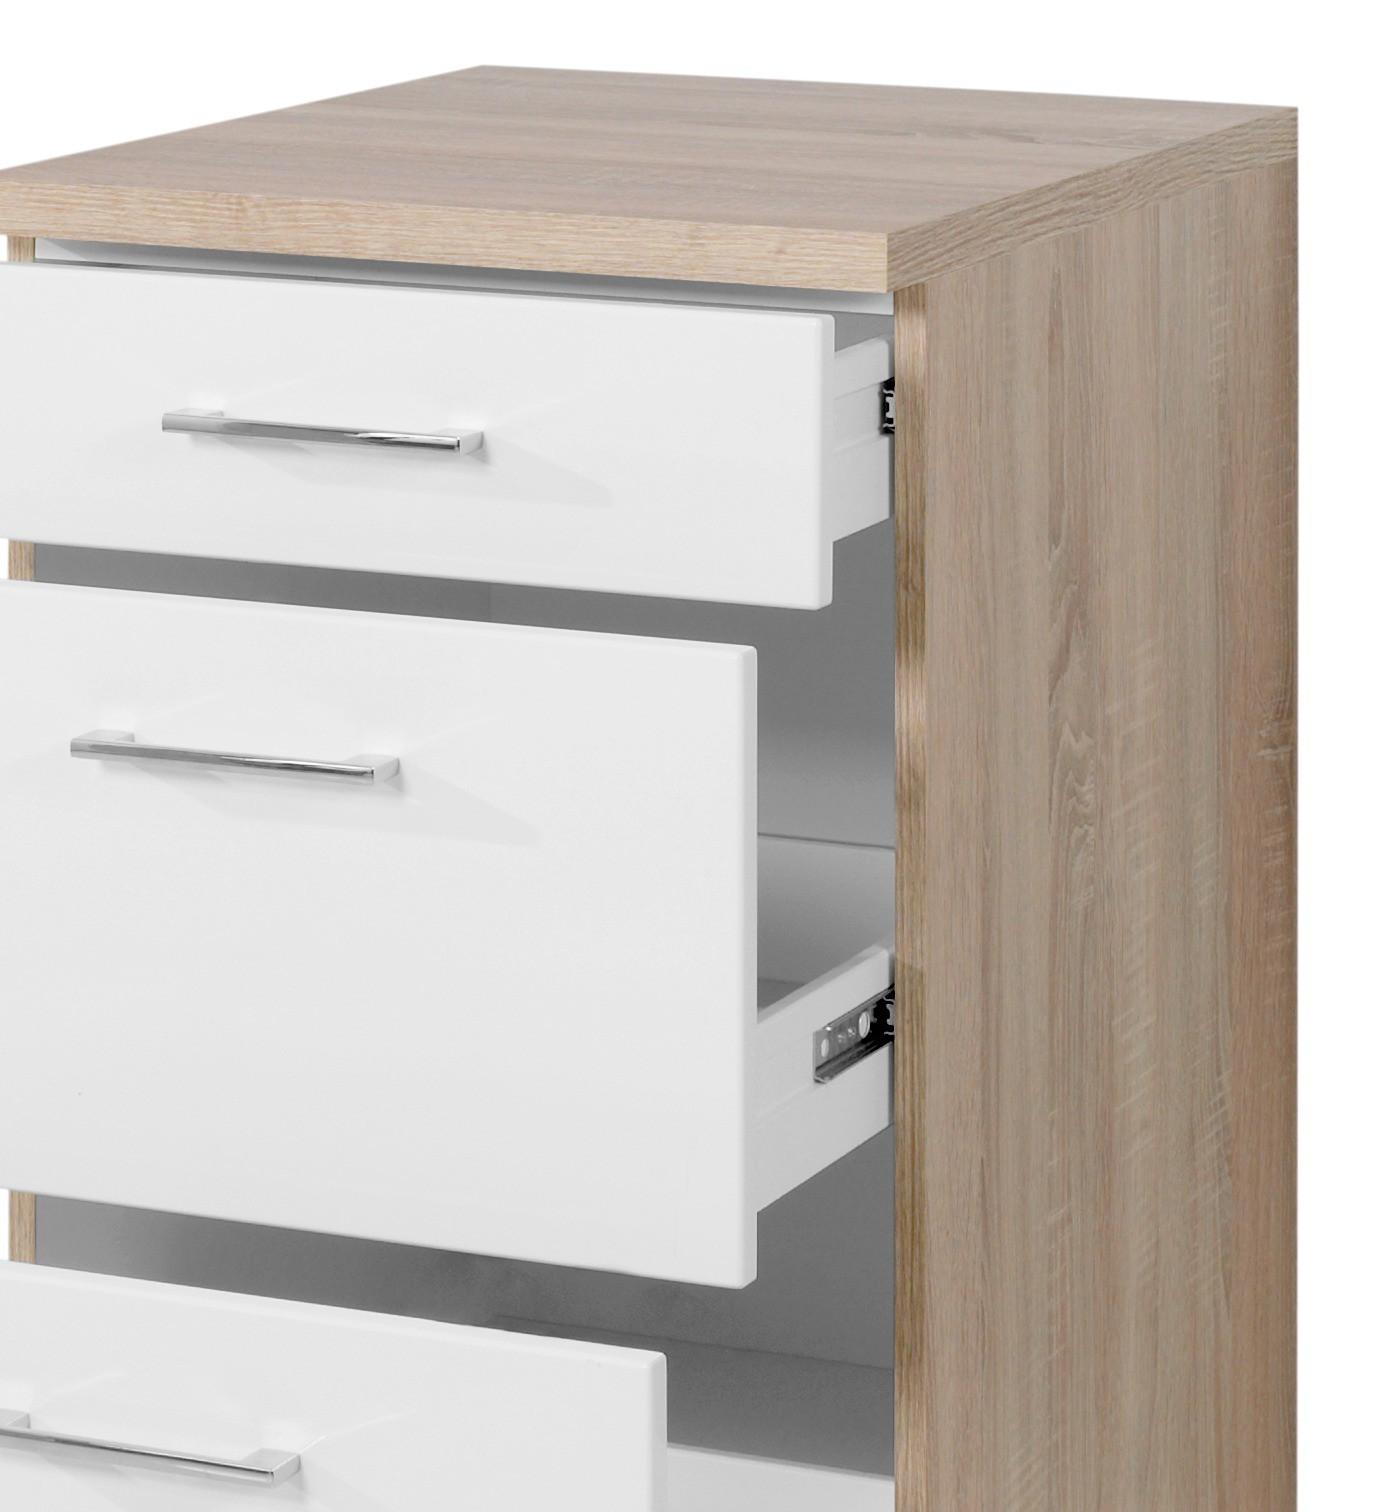 Full Size of Unterschrank Küche Unterschrank Küche Spüle Unterschrank Küche Gebraucht Unterschrank Küche Landhausstil Küche Unterschrank Küche